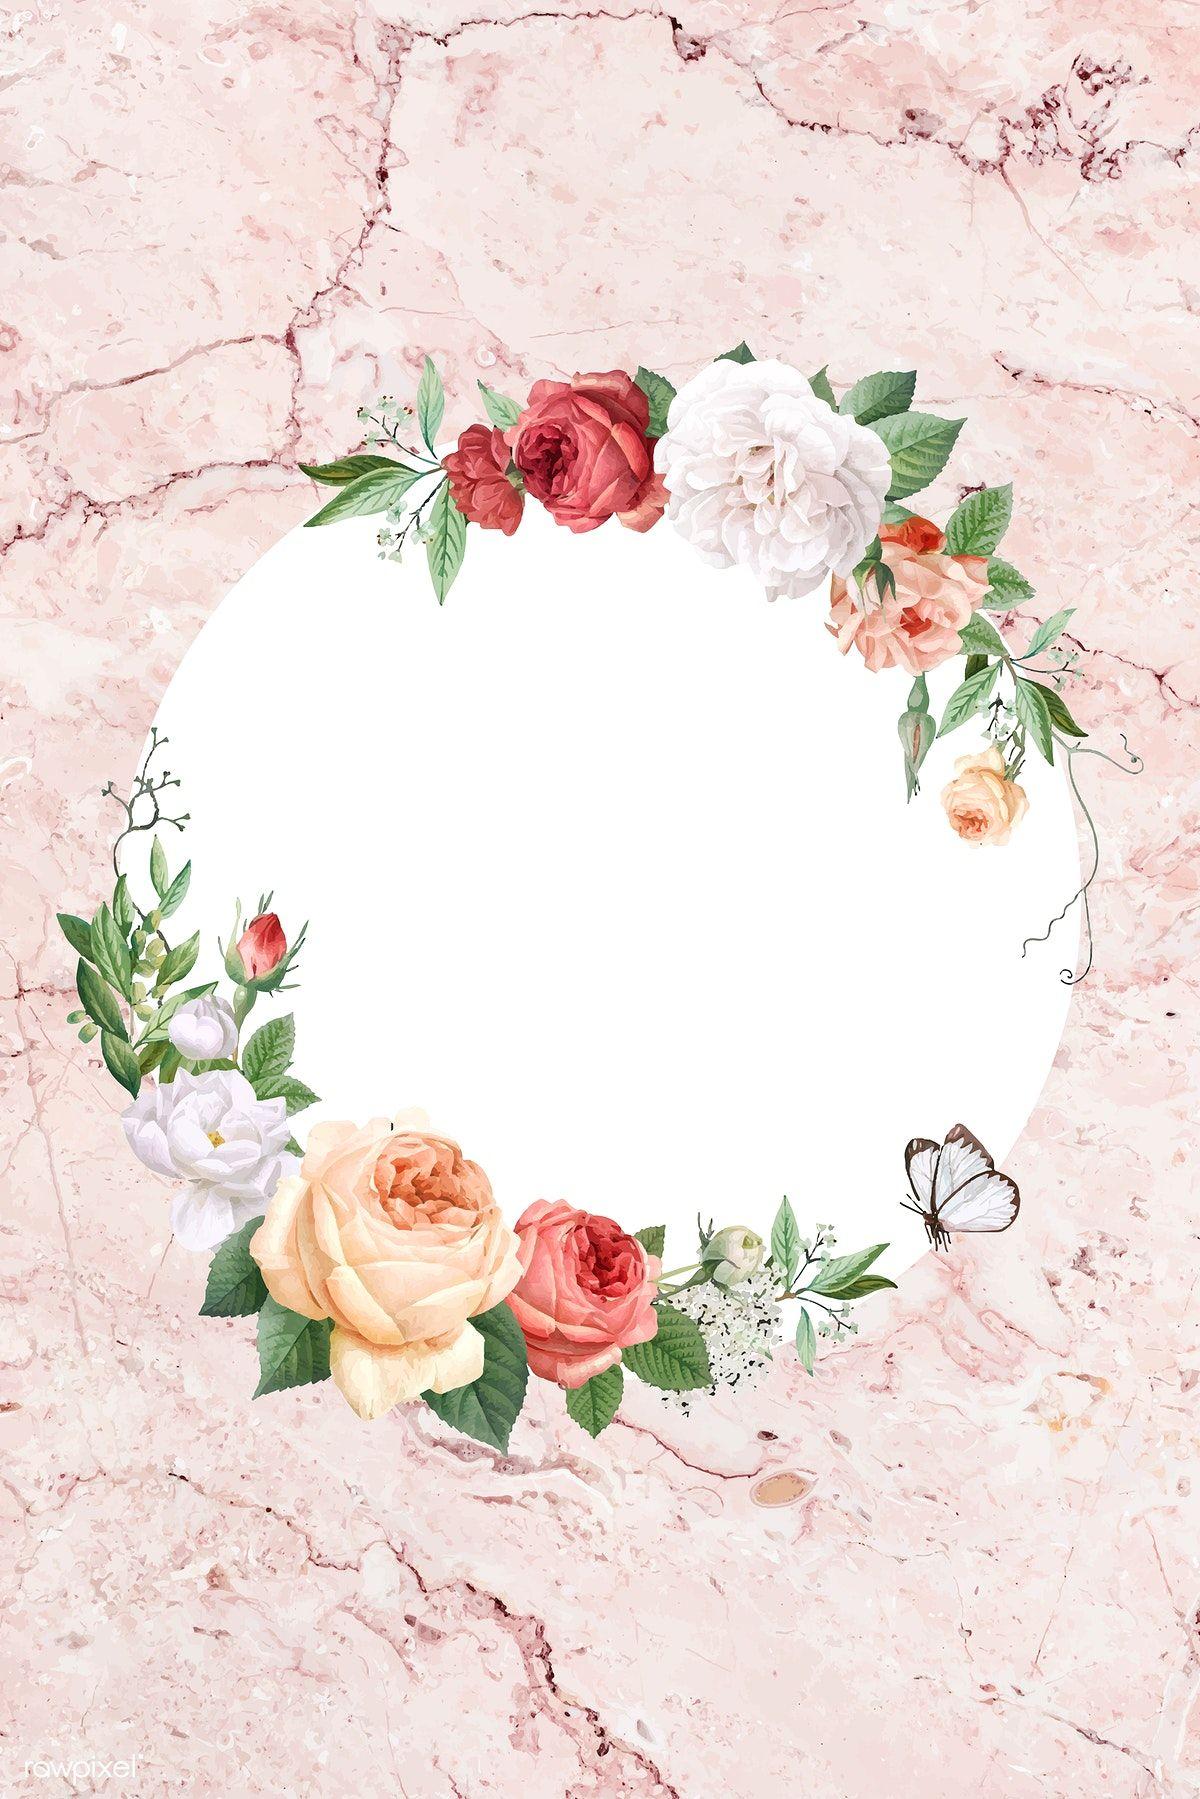 Download premium vector of Golden floral marble frame